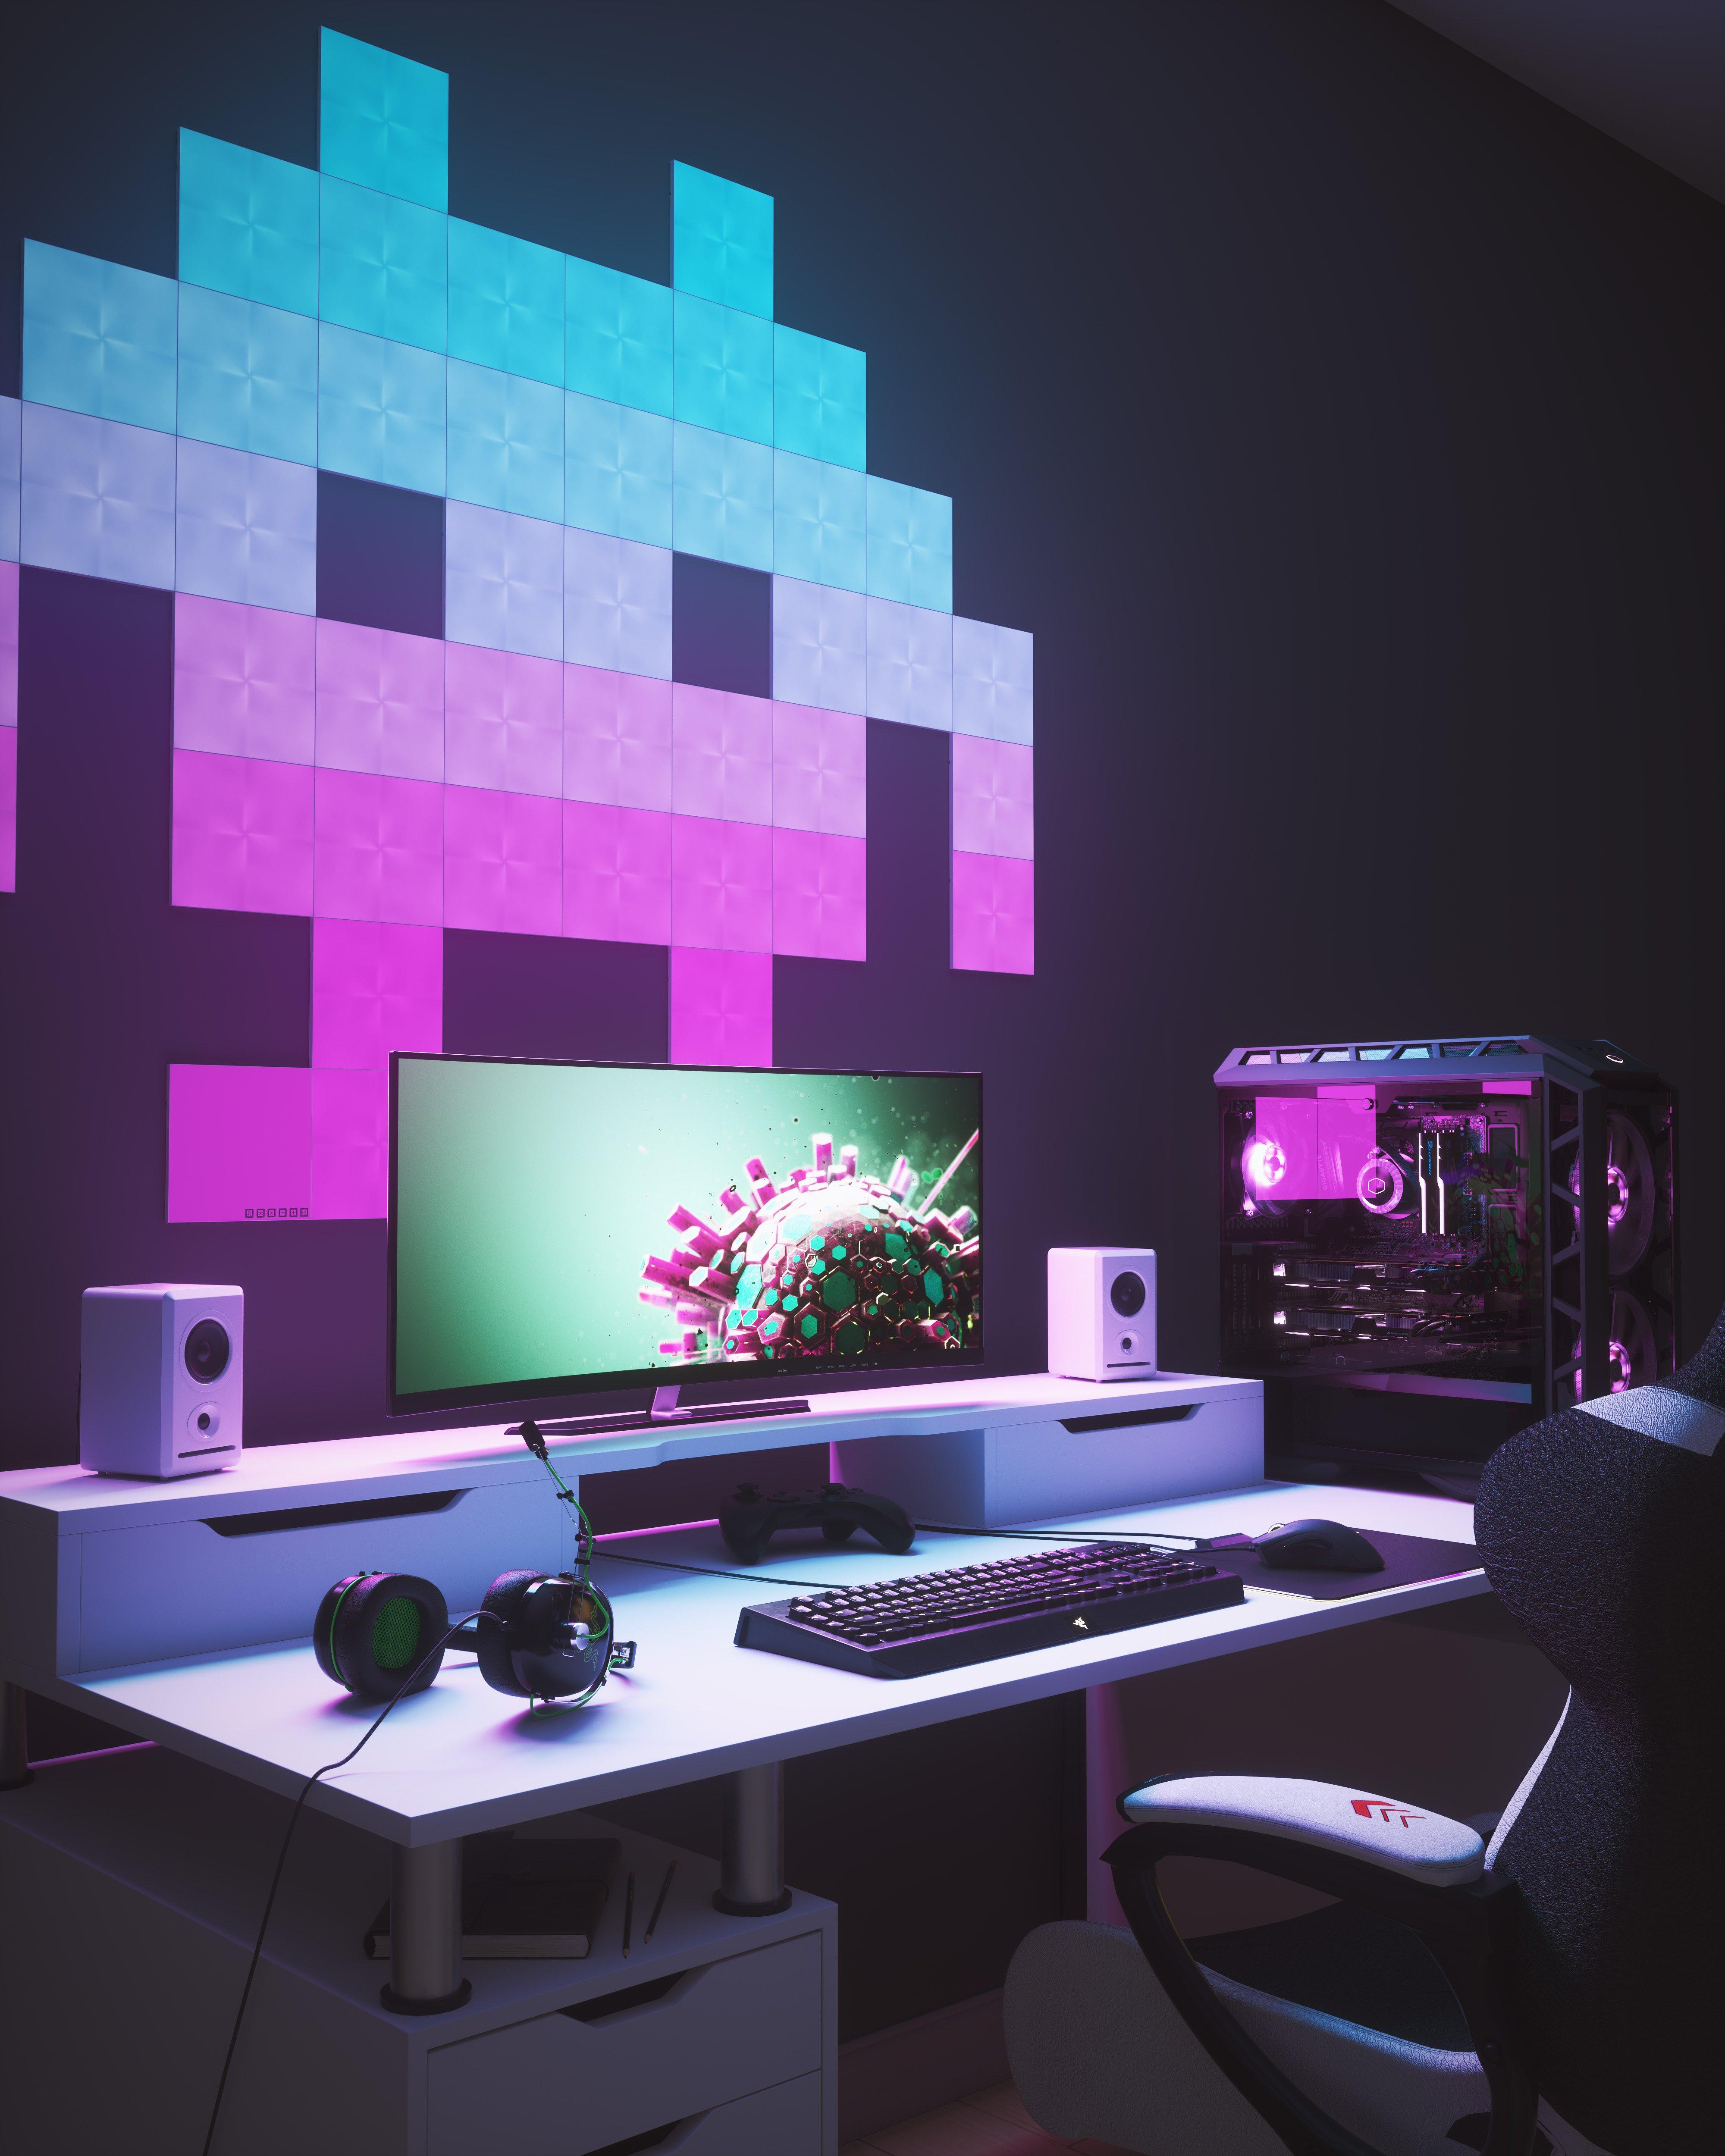 Room Lighting Design Software: Nanoleaf Shines At CES Debuting Innovative Nanoleaf Canvas